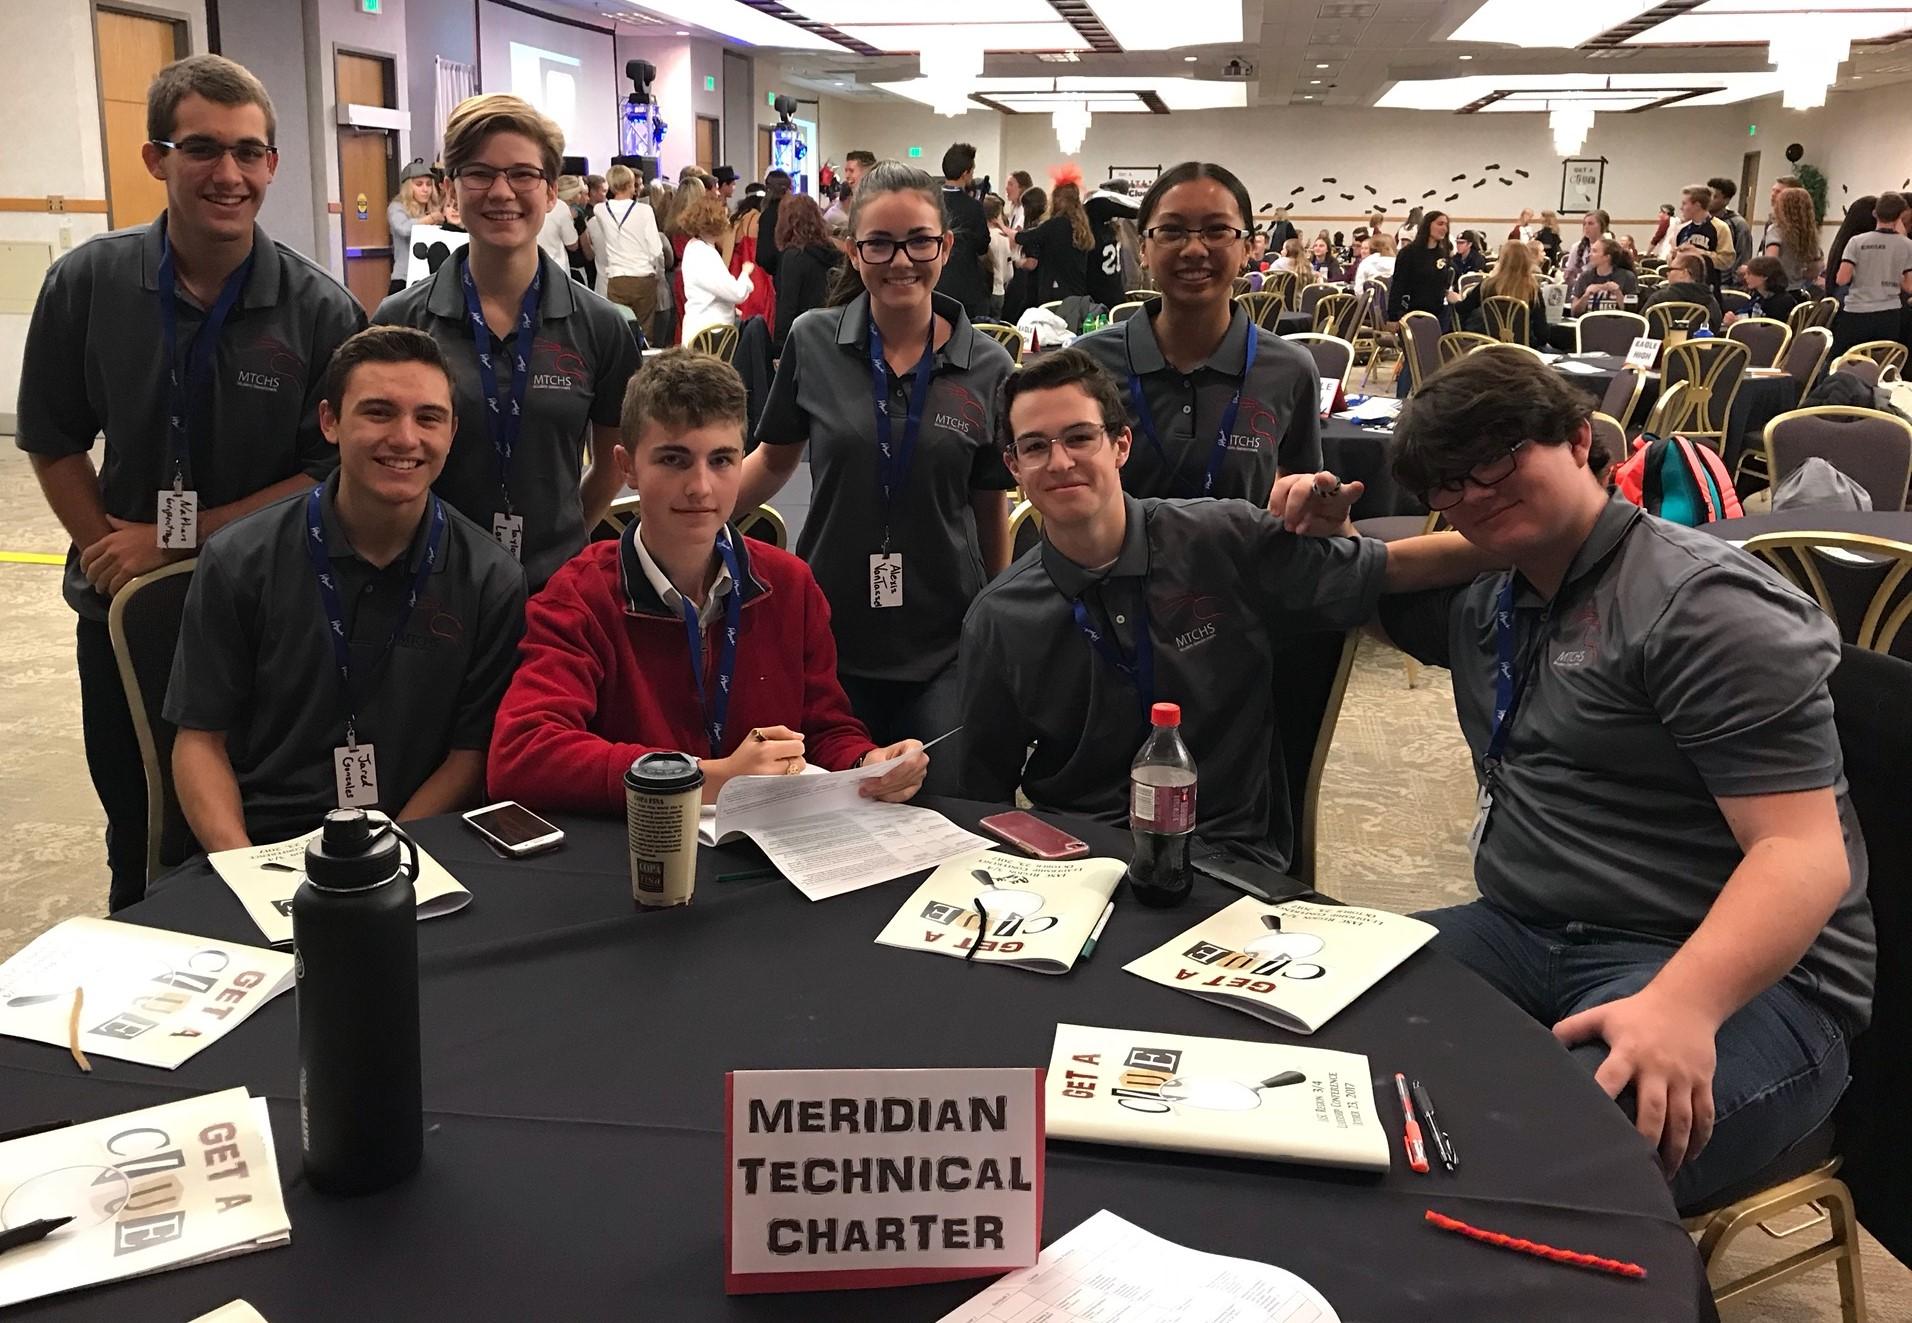 mtchs meridian technical charter high school